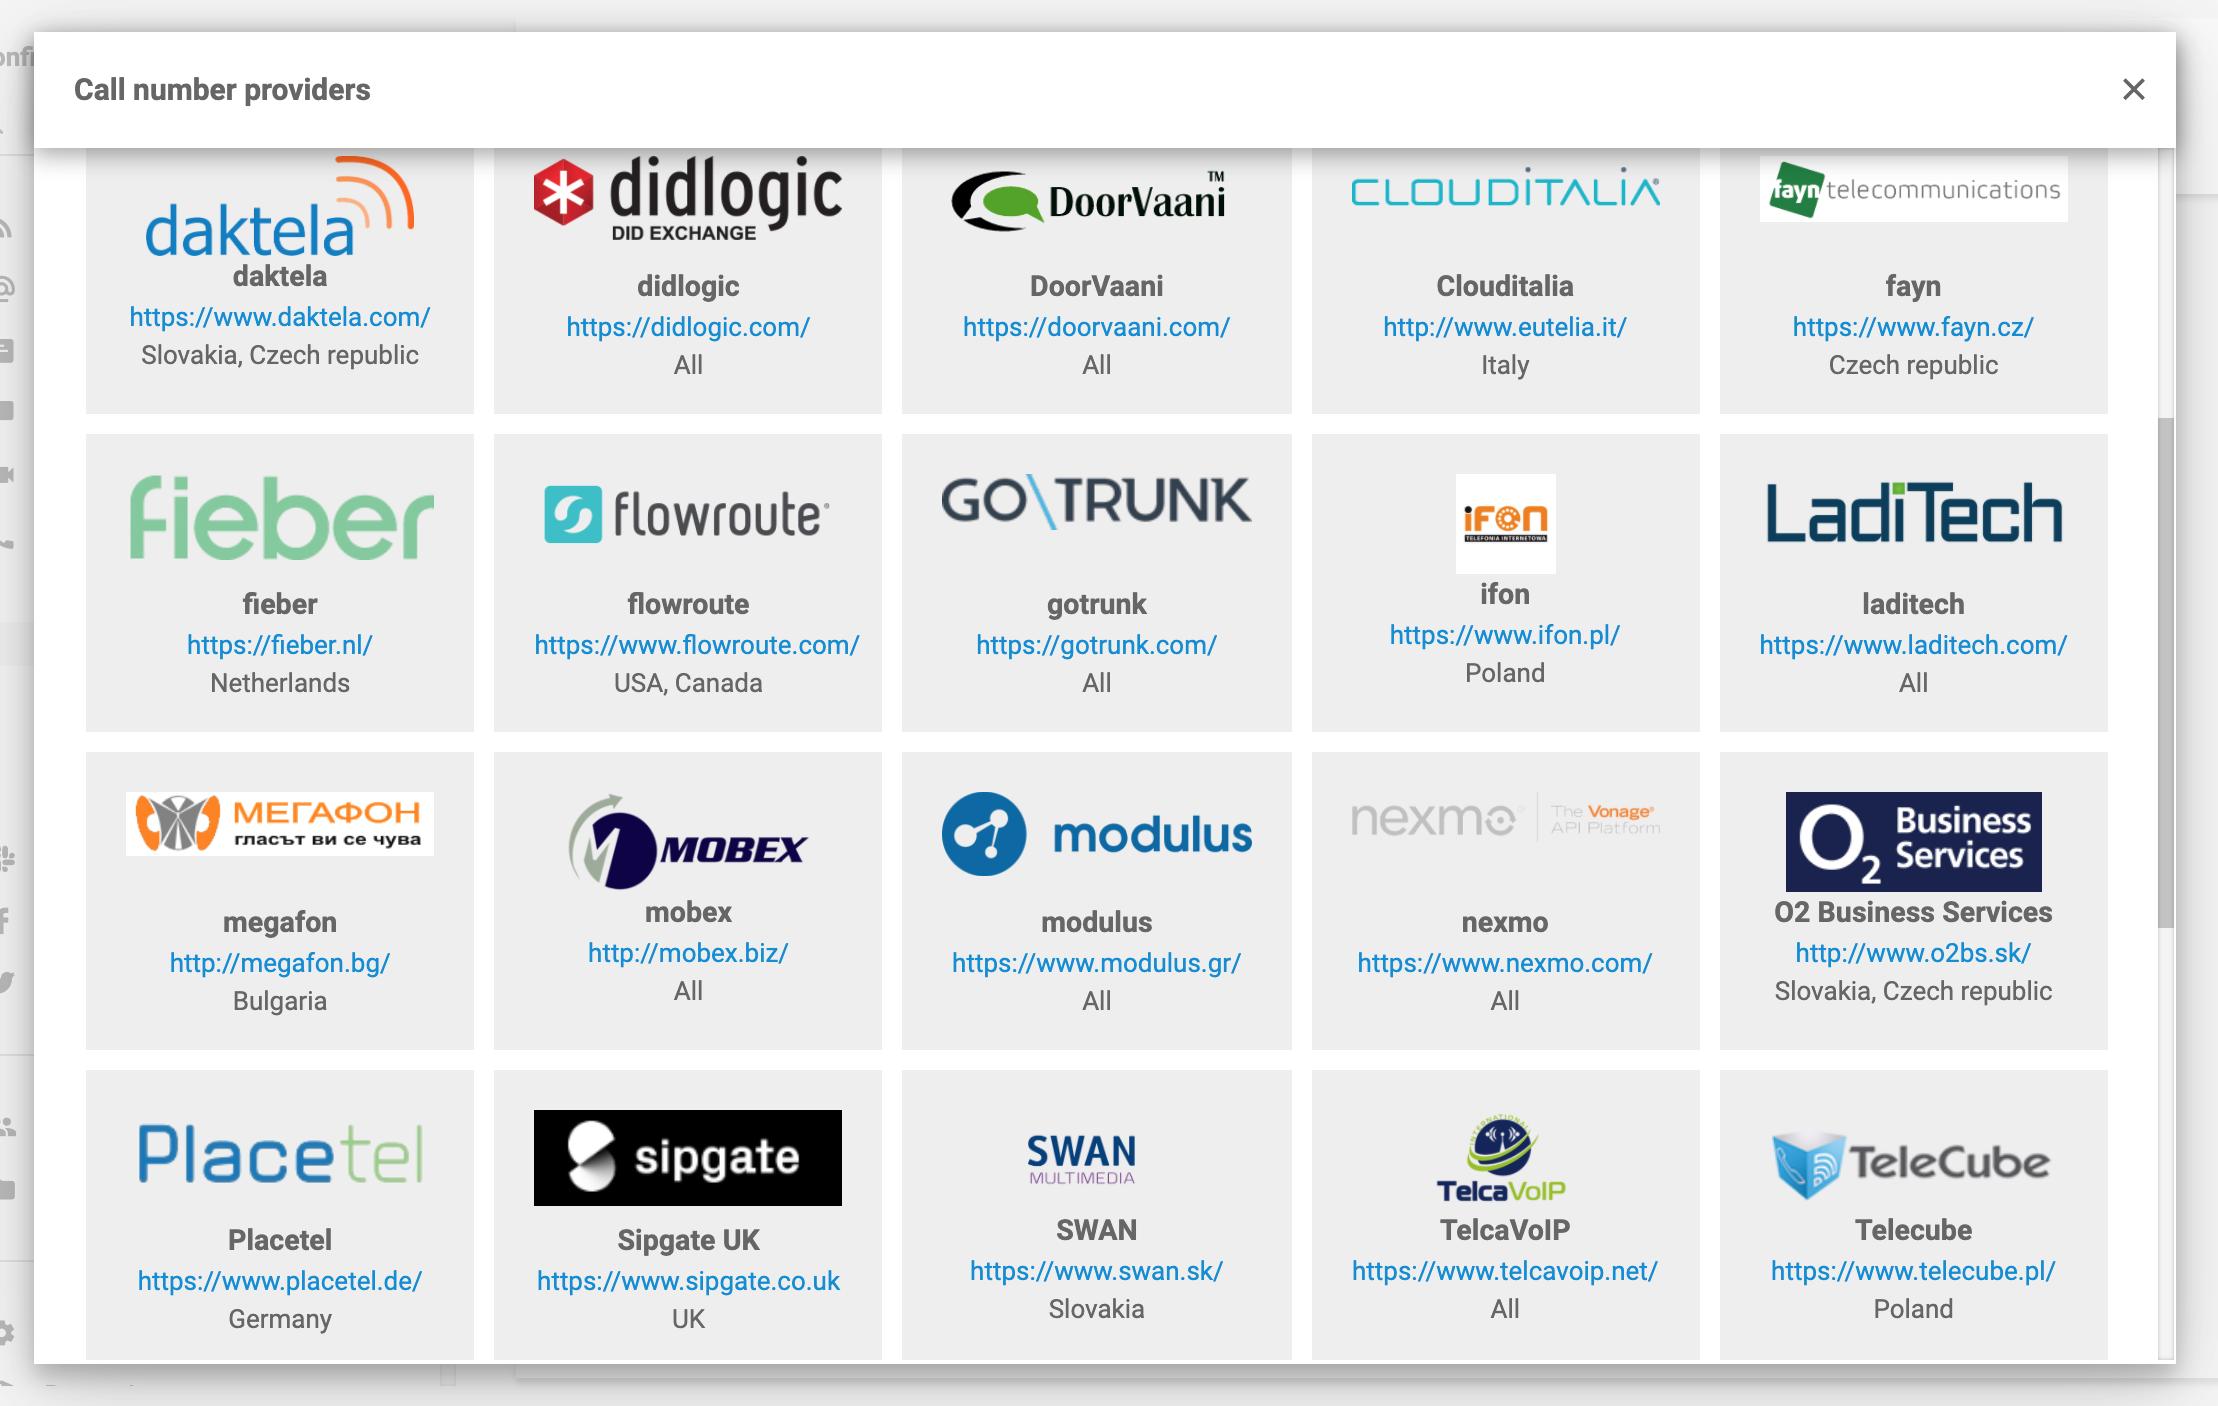 ifon-VoIP-partner-LiveAgent